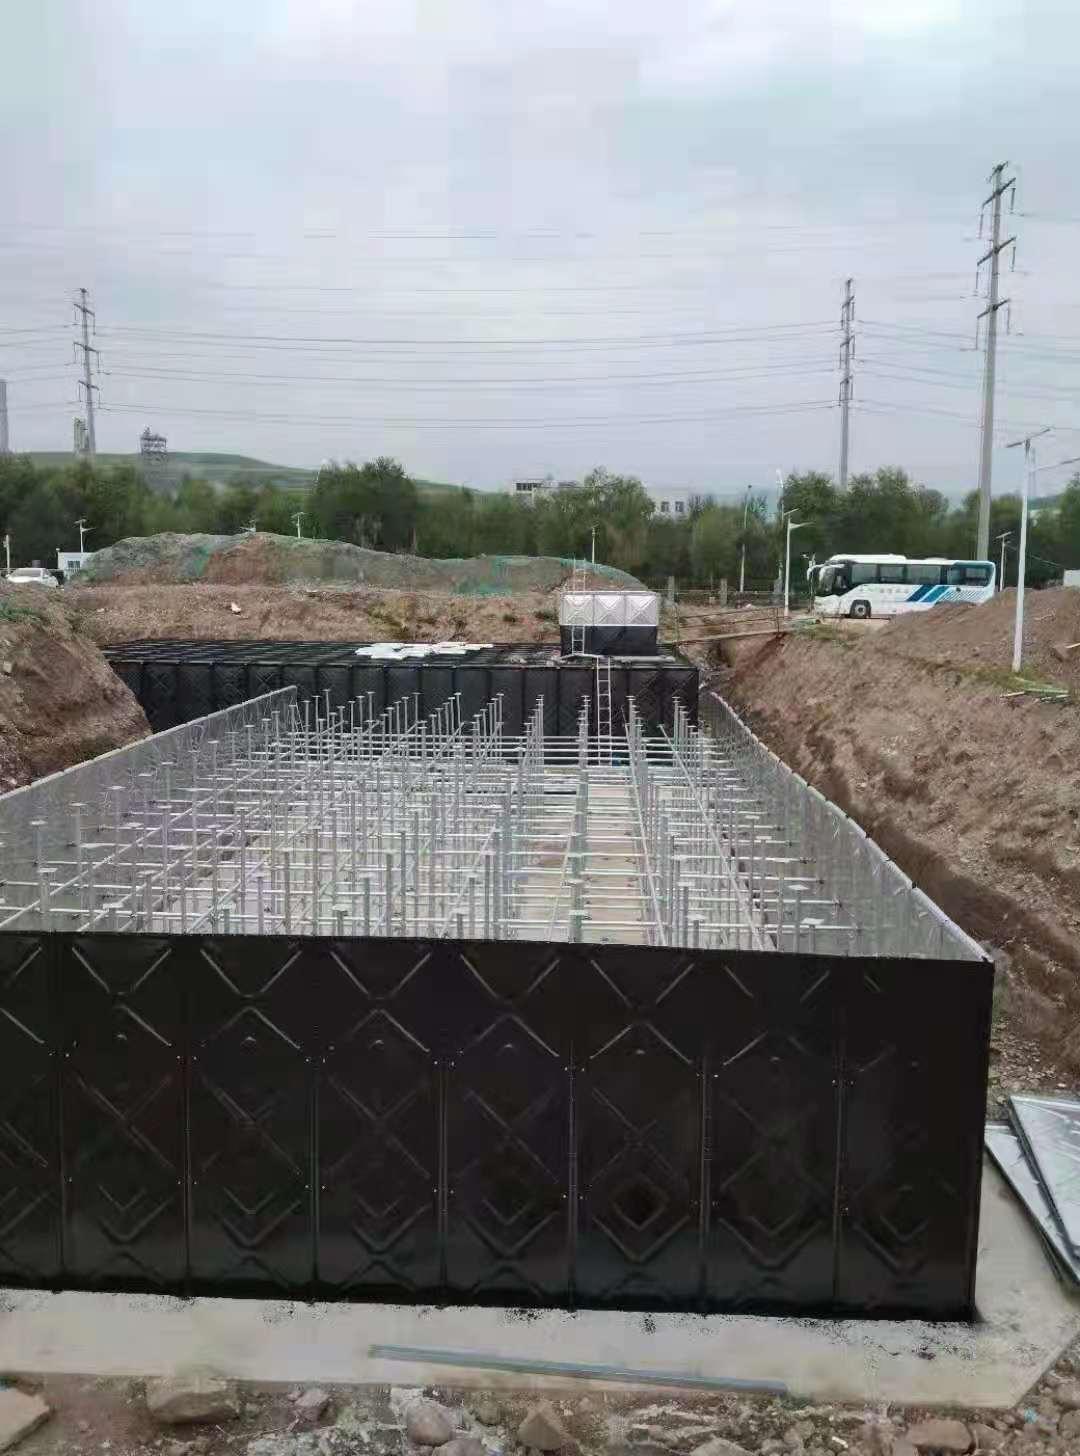 混凝土池改造成防浮式地埋消防泵一体化的过程需要注意这些问题